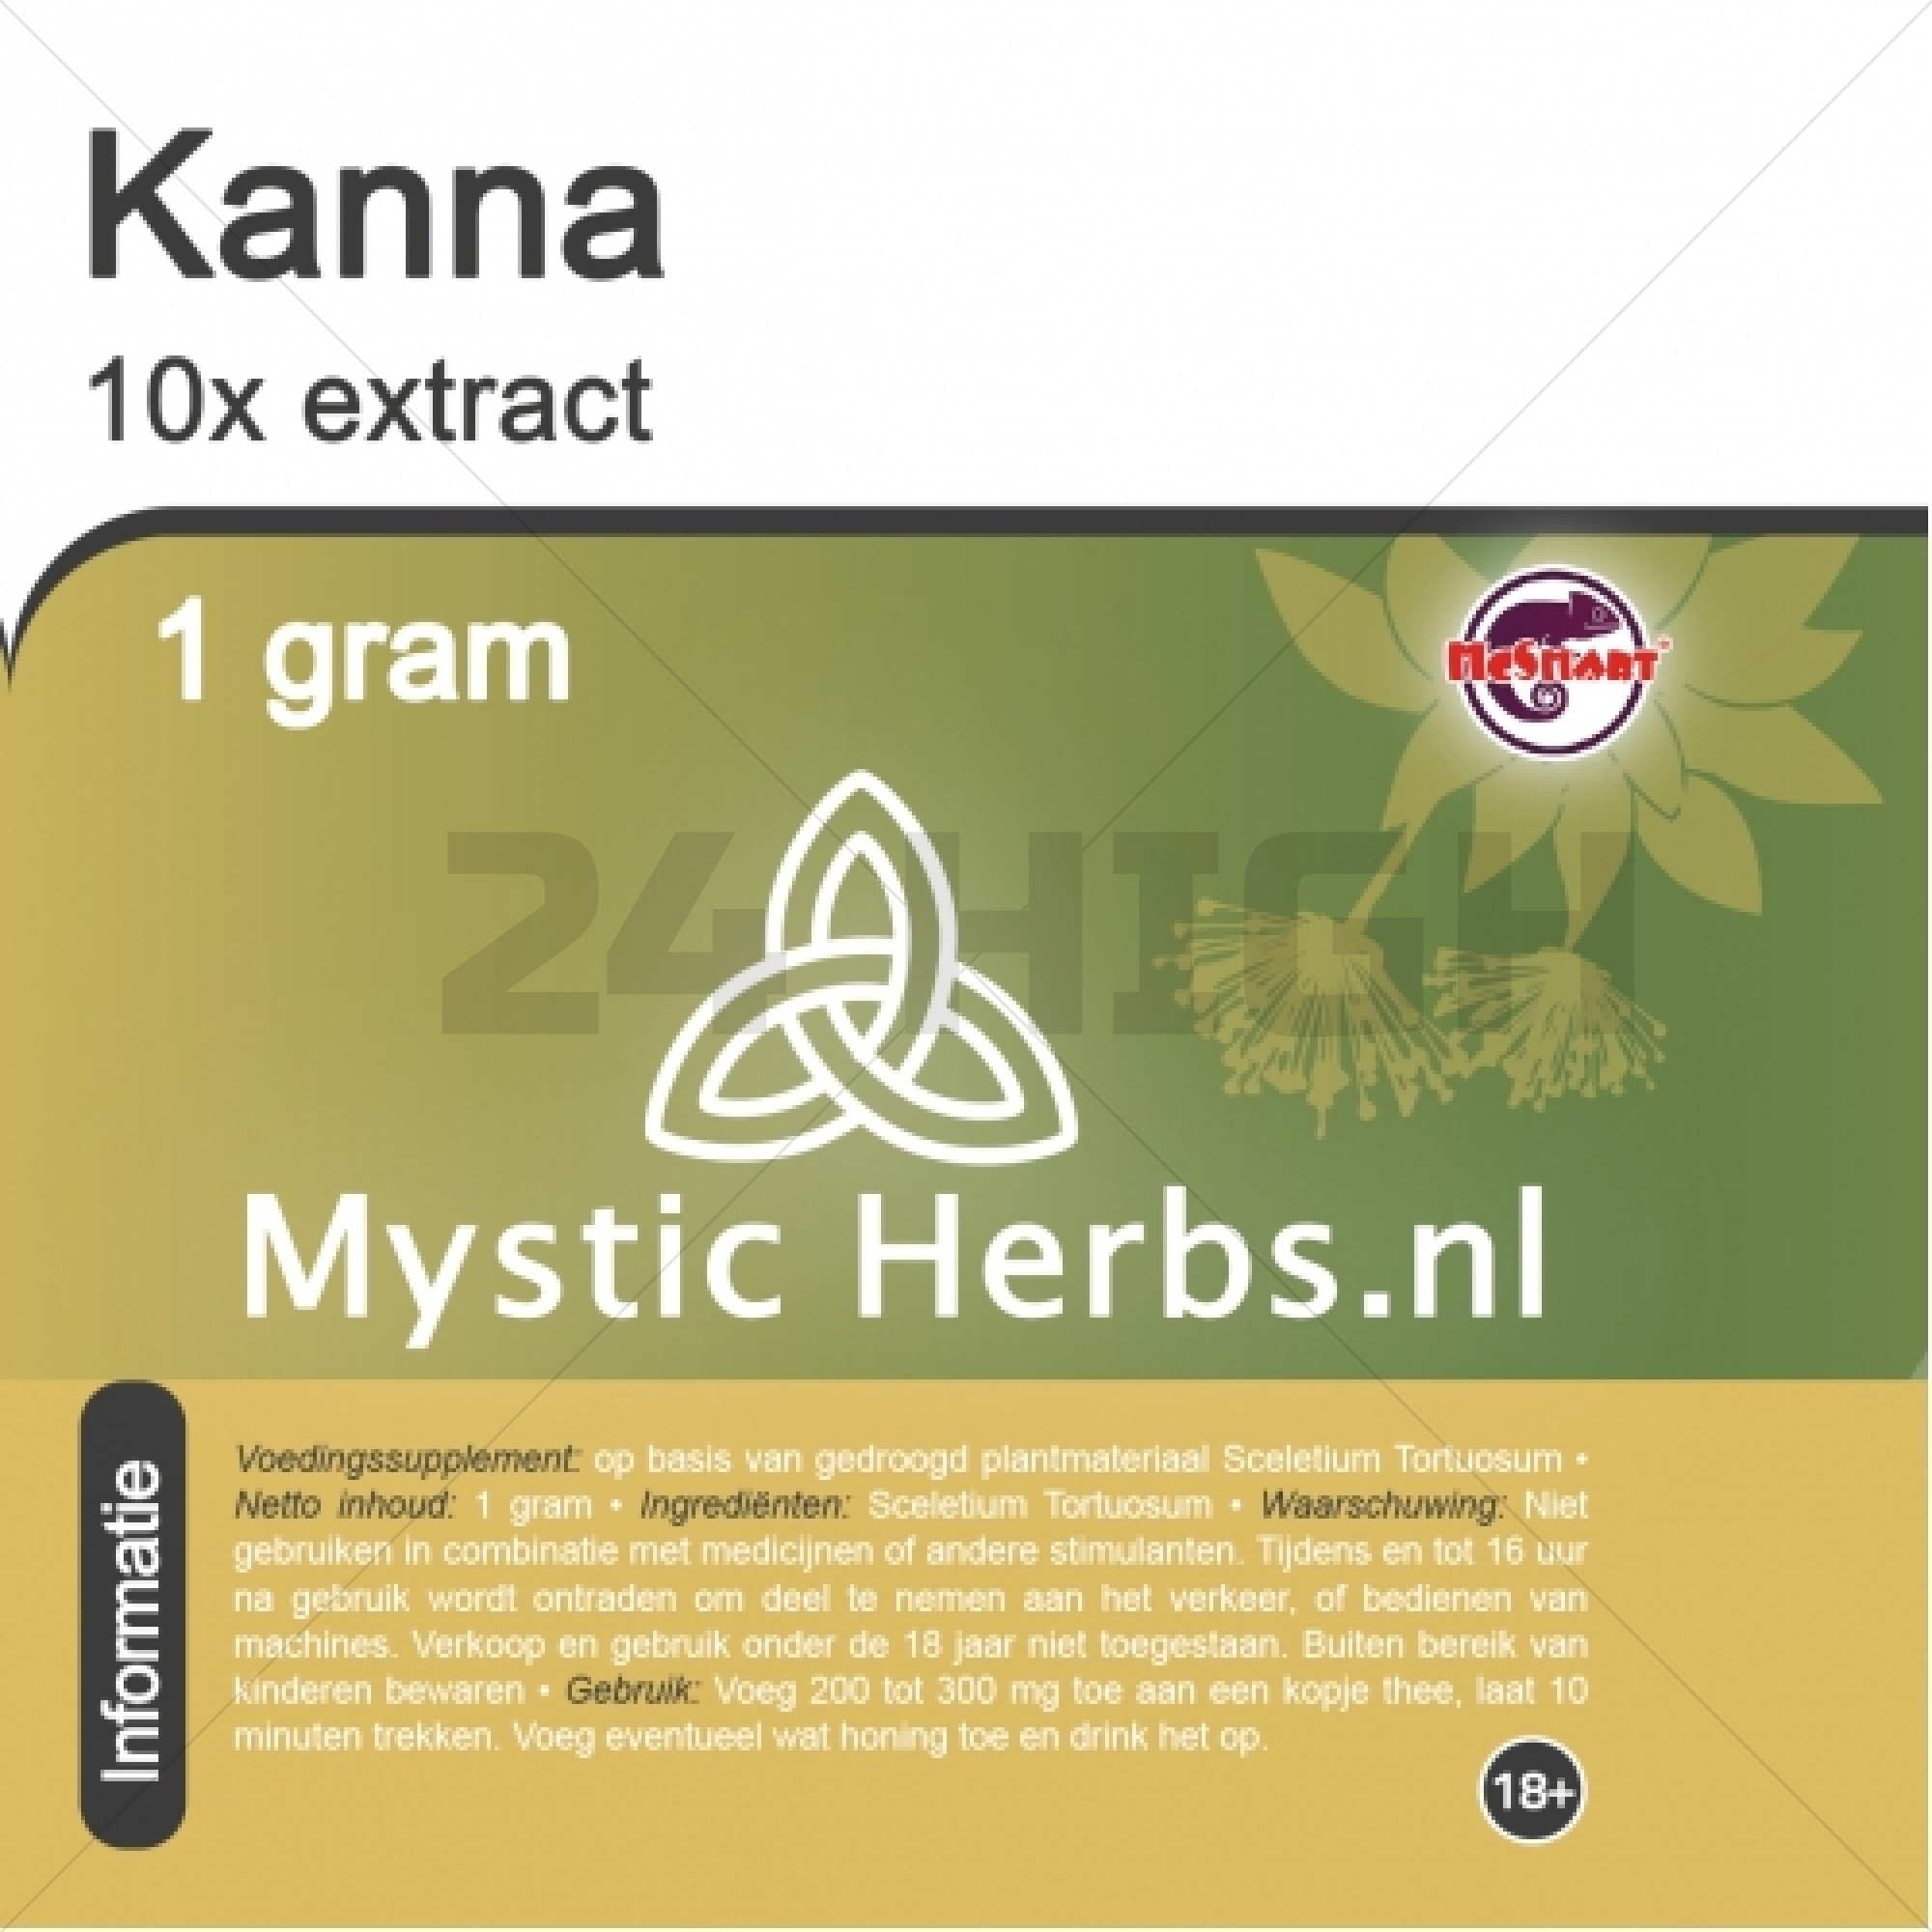 Kanna 10x Extract